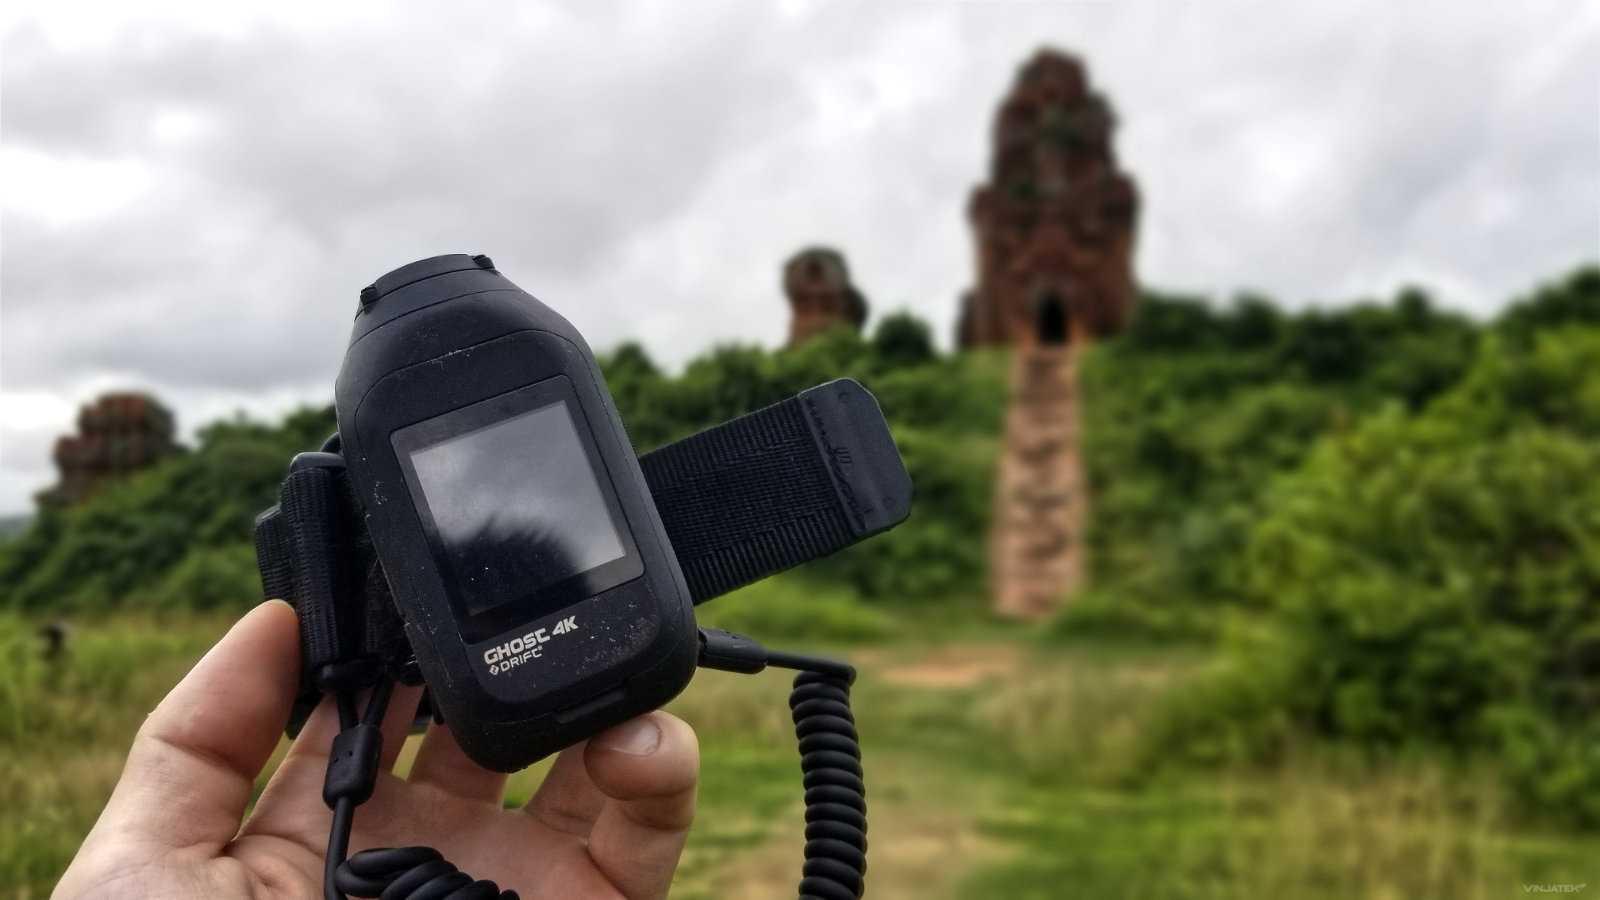 Motorola one action – смартфон со сверхширокоугольной экшн-камерой [обзор]